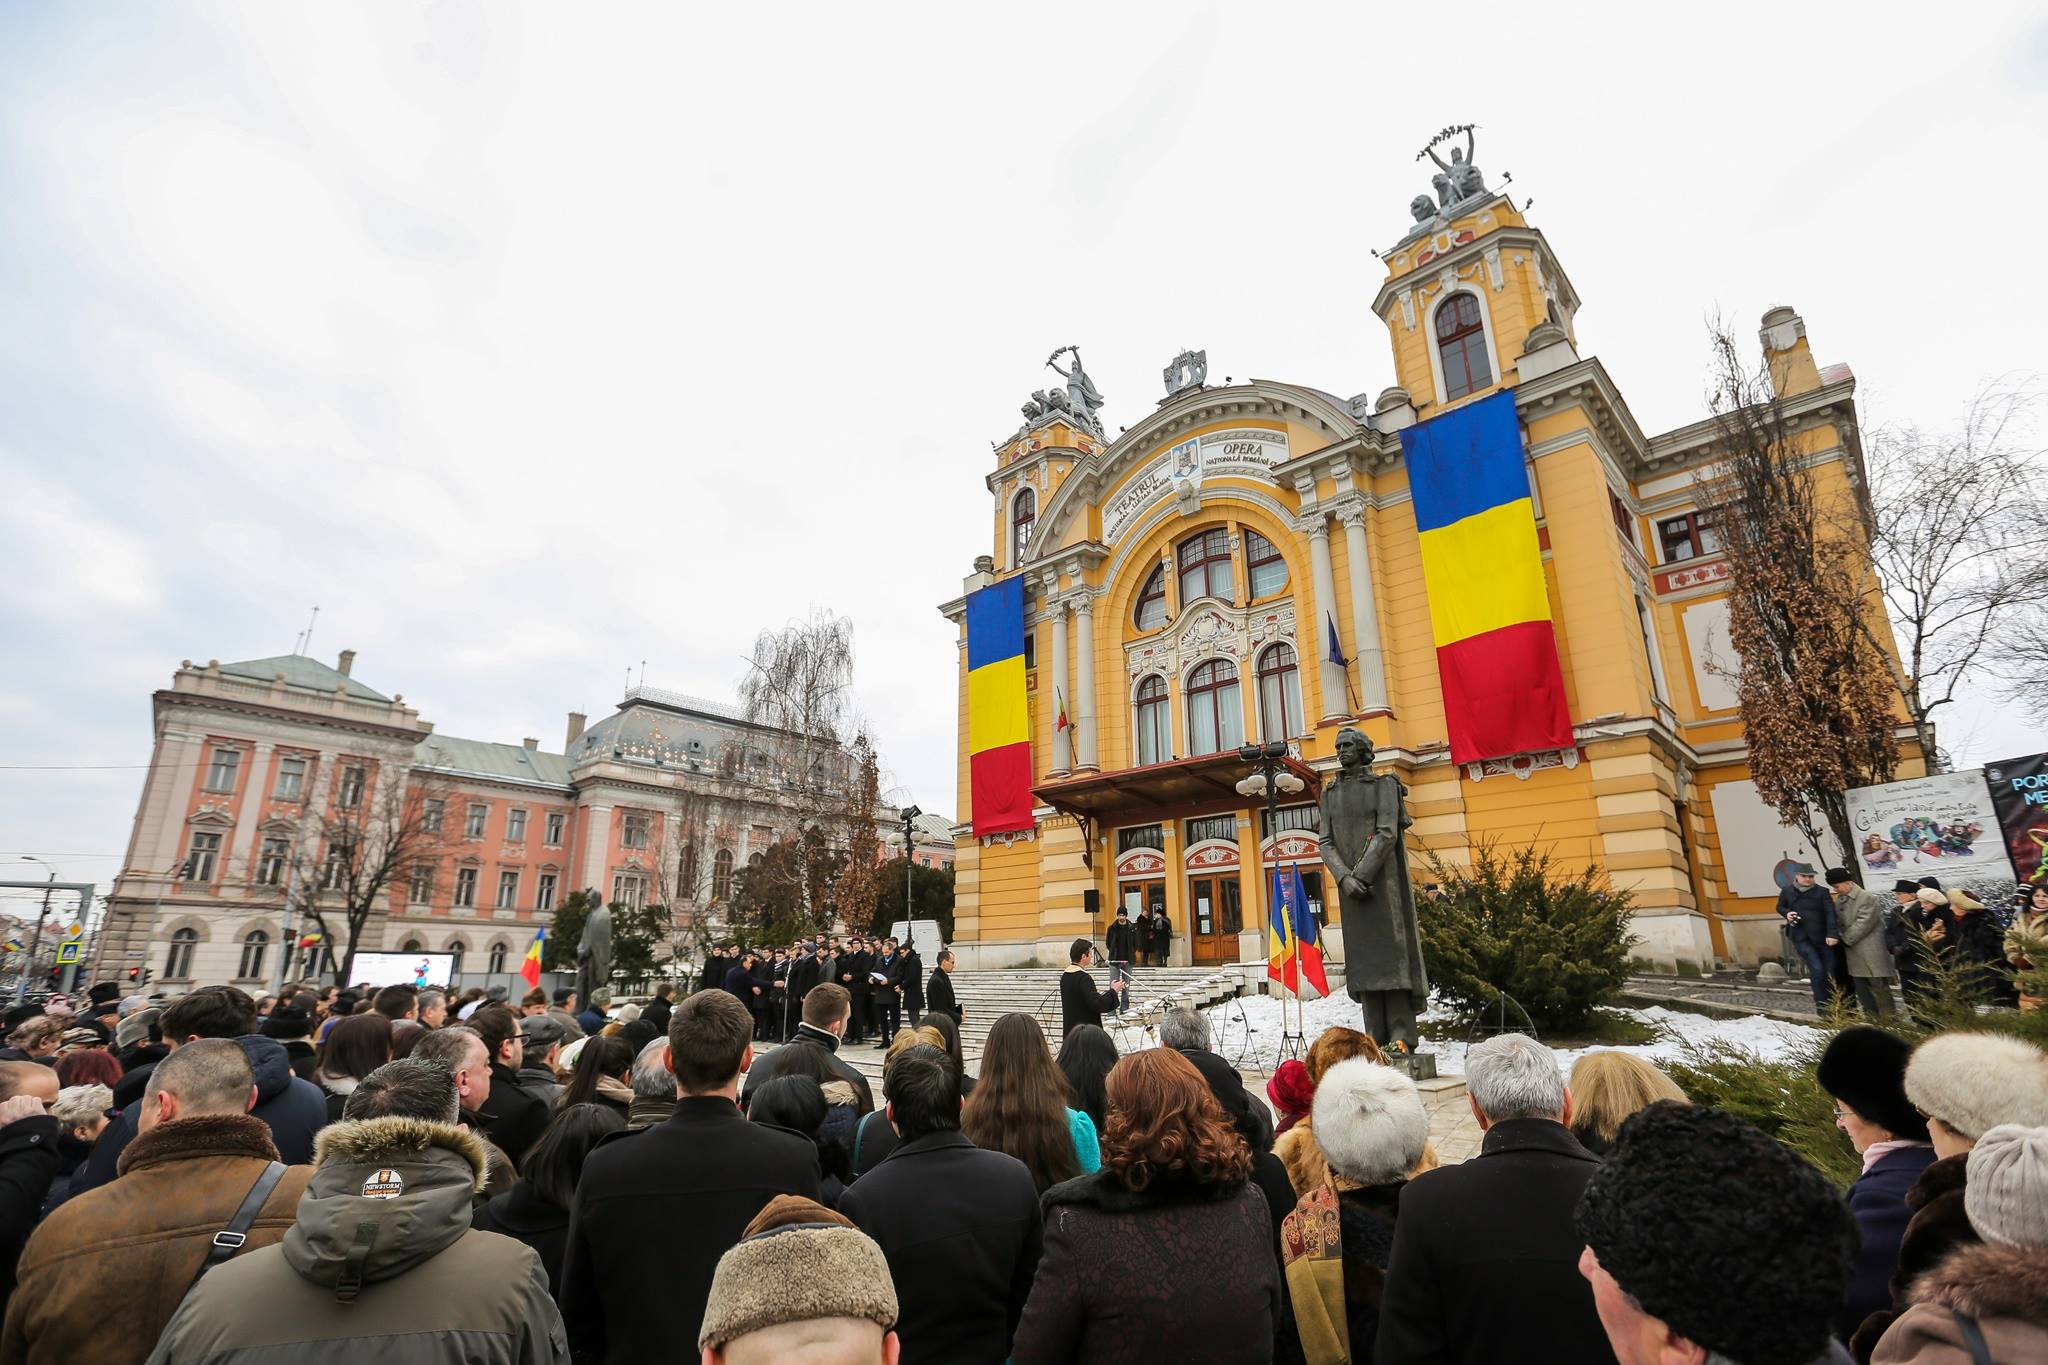 Ziua Națională a Culturii, marcată la Cluj-Napoca printr-un spectacol al Teatrului și Operei Române